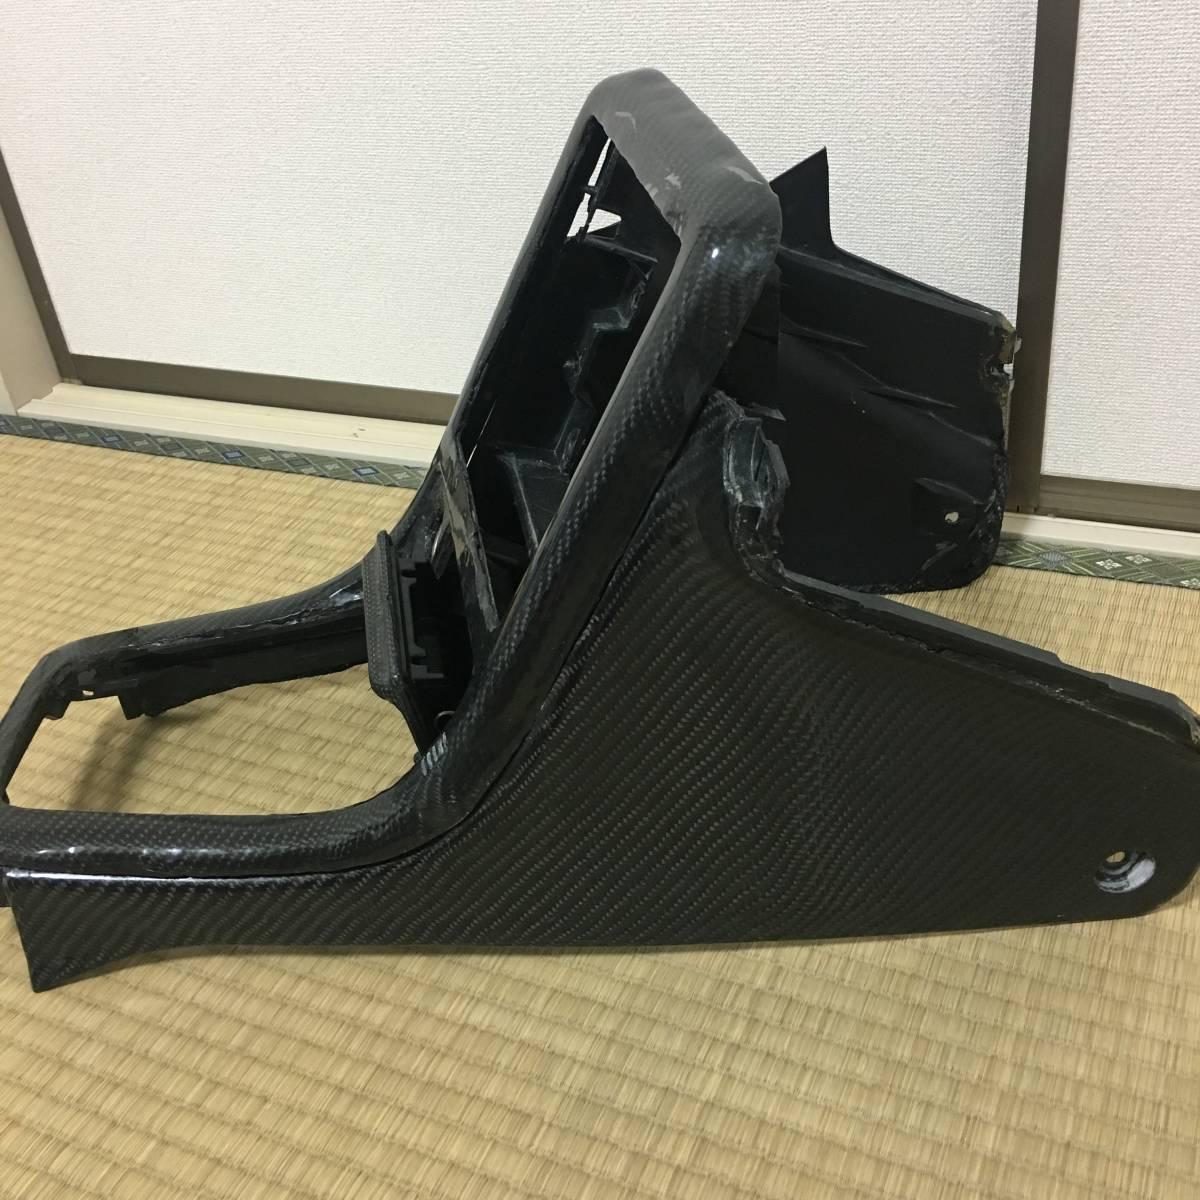 カッコイイ!スカイラインR32 GTR GTS リアルカーボン センターコンソール フルカーボンです!物の値打ちは人が決める!_画像5